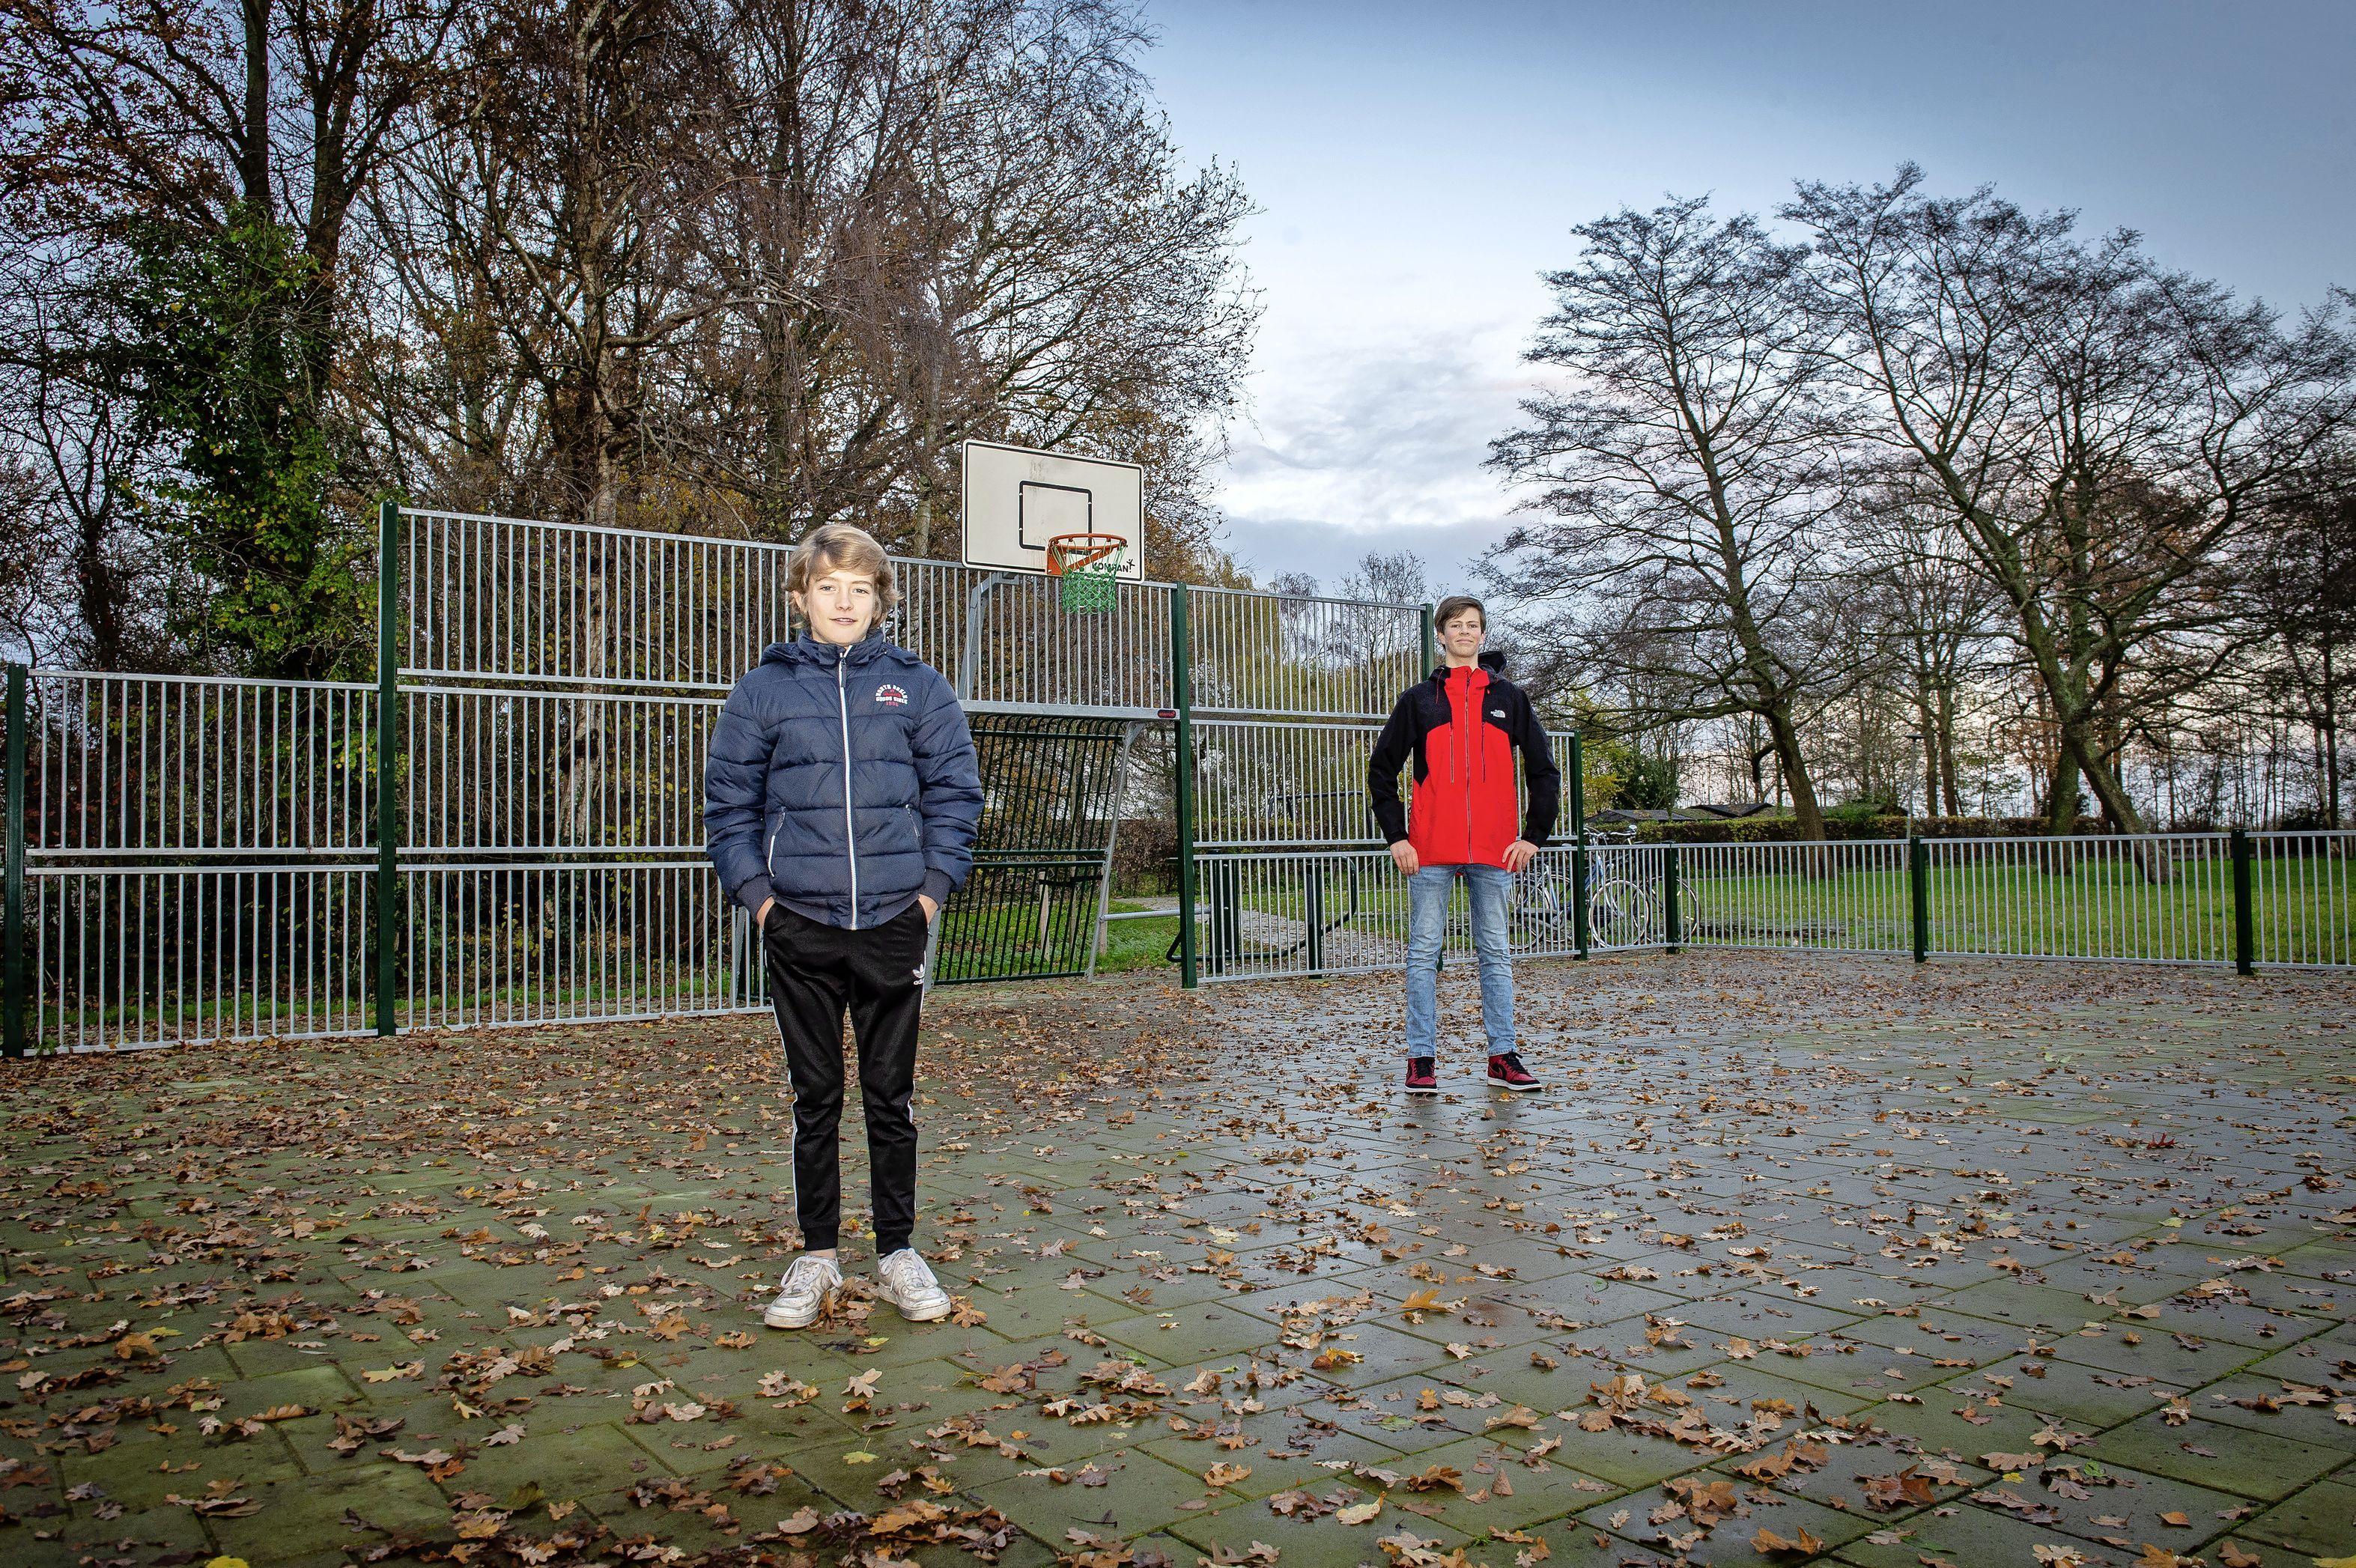 De kindergemeenteraad in Landsmeer gaat weer niet door: 'Te weinig aanmeldingen, mogelijk door verloop van kinderraadsbesluiten in het verleden'